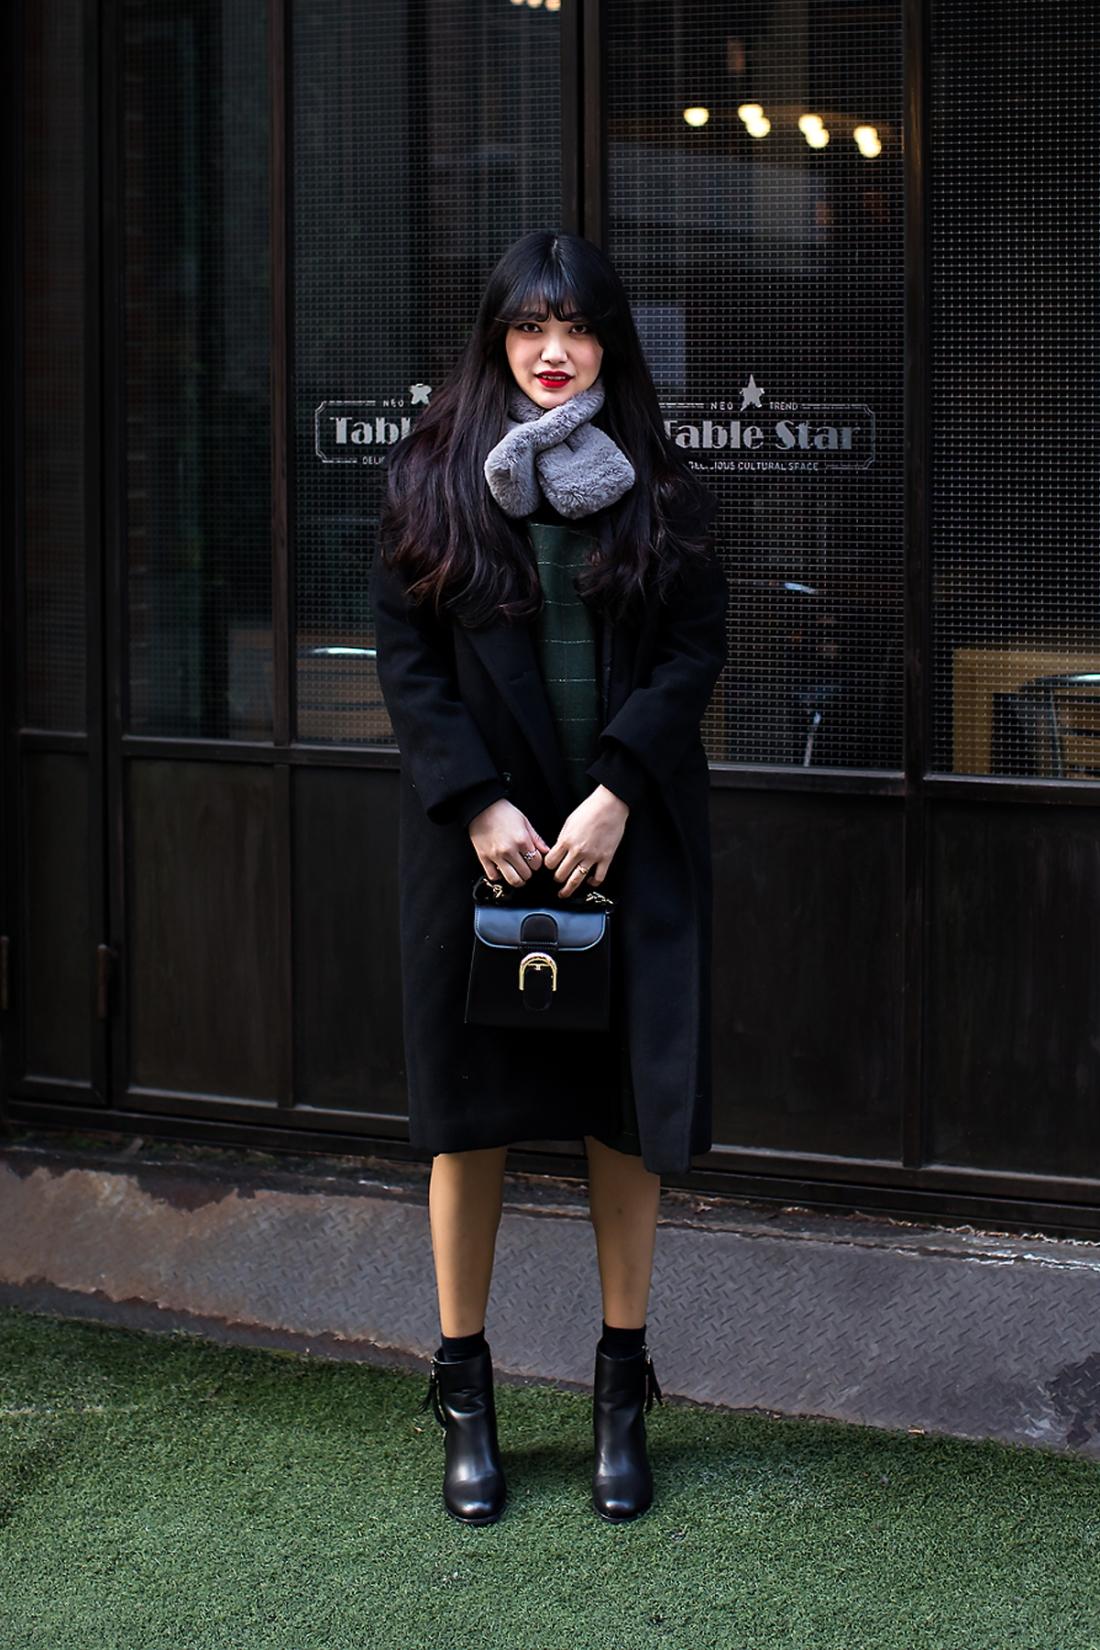 Kang Juhee, Street Fashion 2017 in SEOUL.jpg